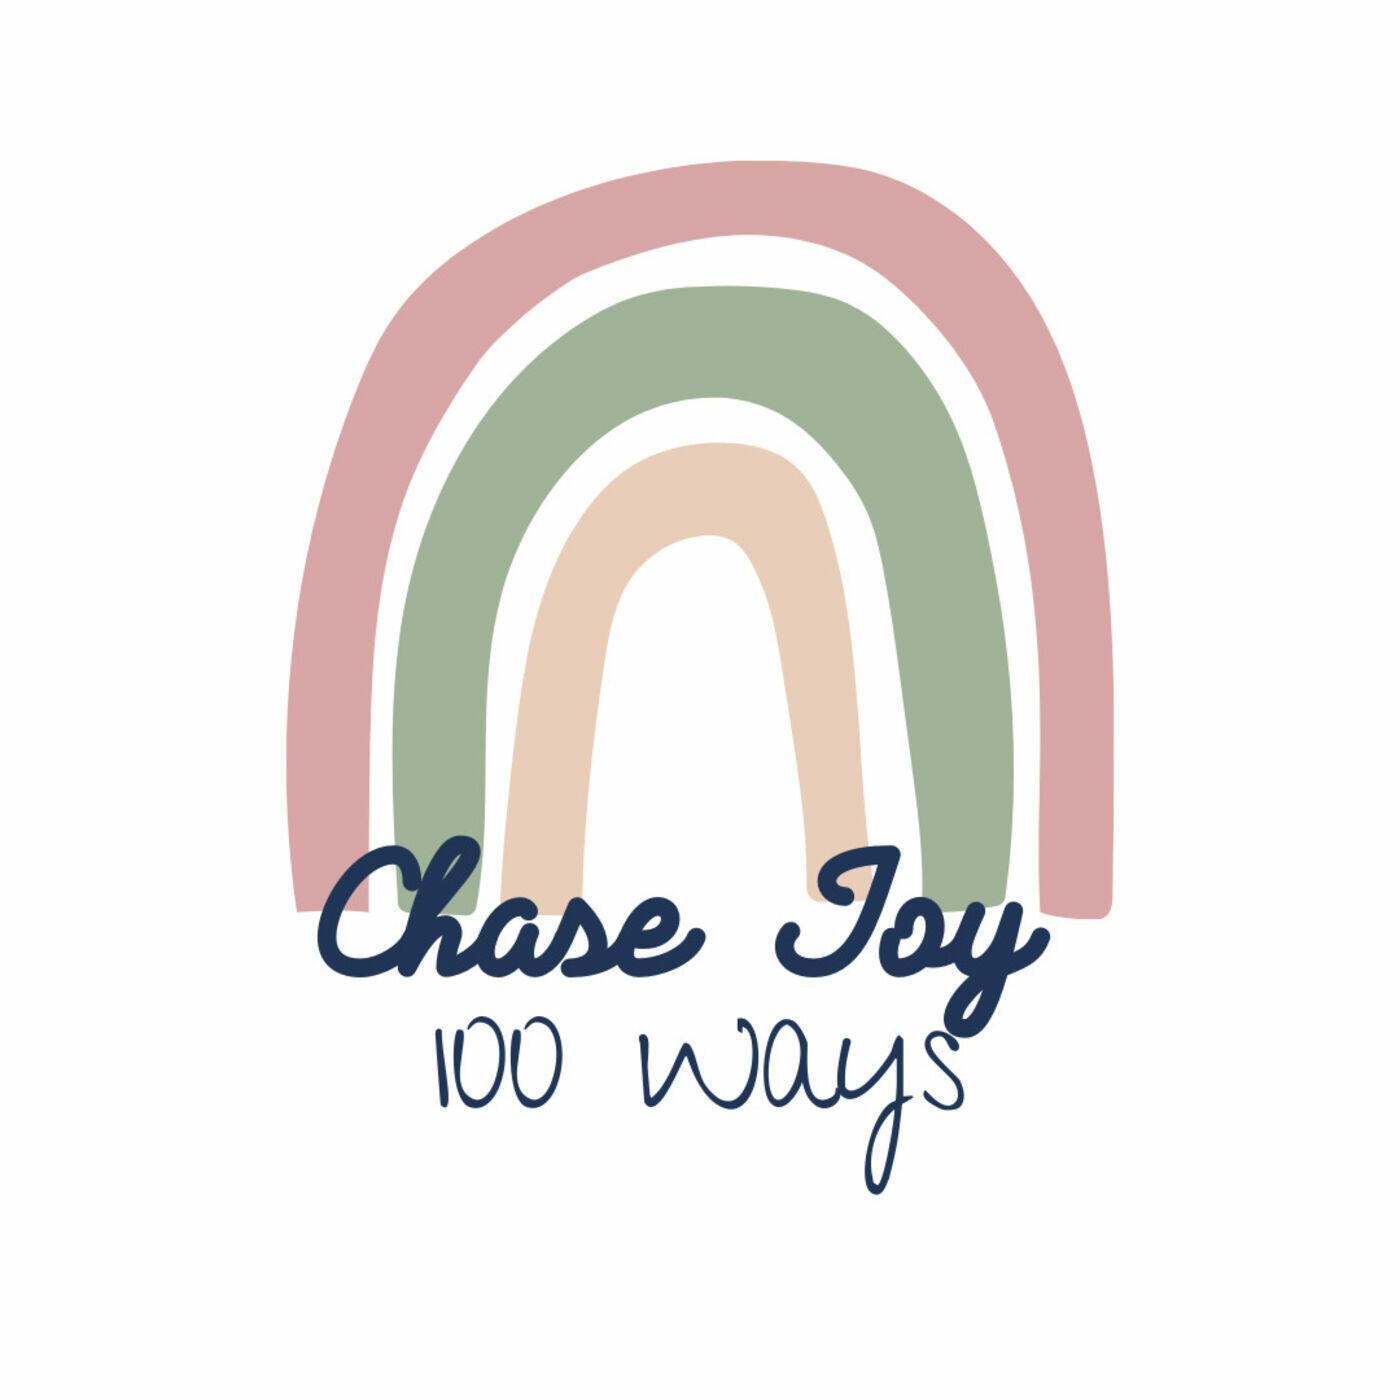 Chase Joy 100 Ways